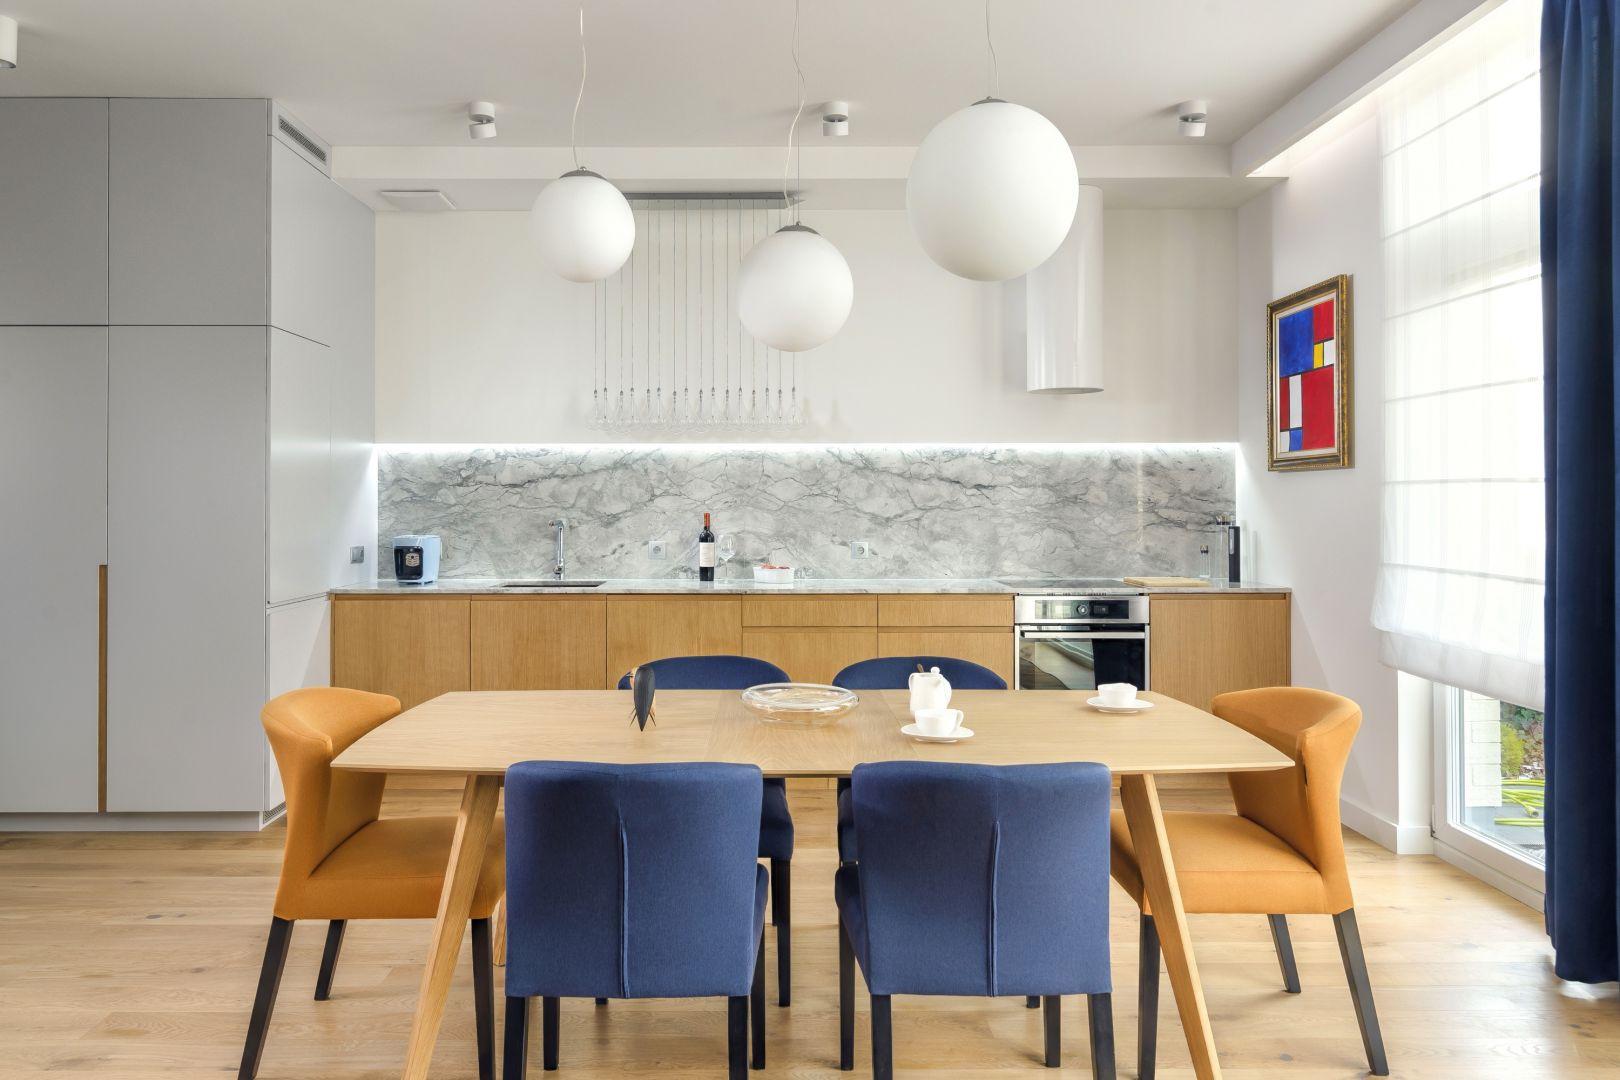 Kuchnia w formie zabudowy jednorzędowej. Projekt Anna Maria Sokołowska.